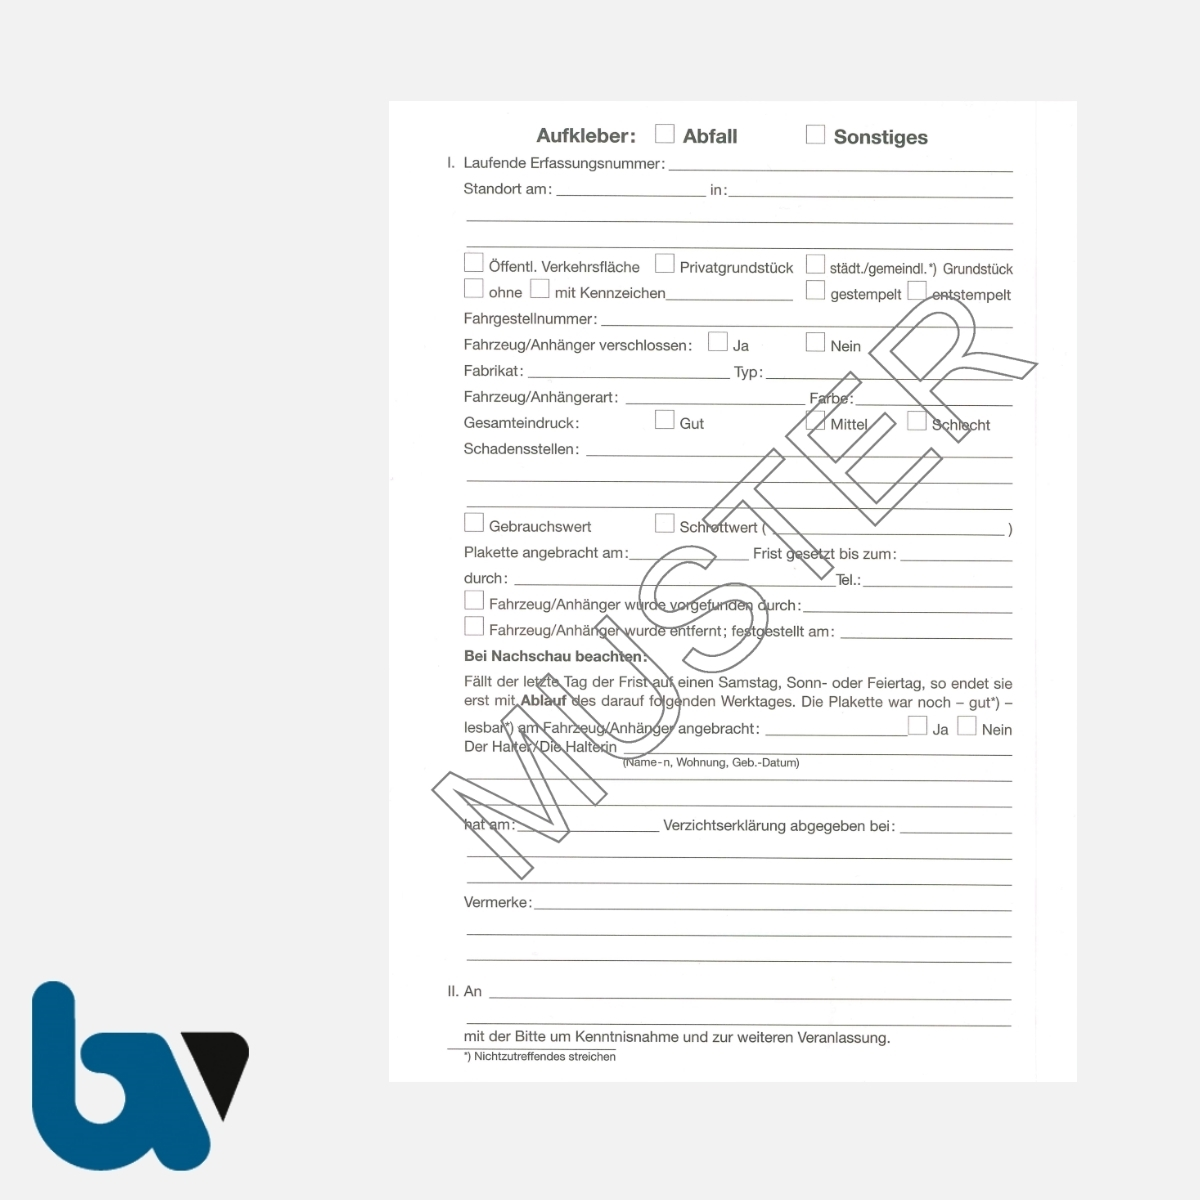 3/442-14 Aufkleber Aufforderung Entfernung Container Kleidercontainer Gegenstand selbstklebend Hessen HStrG HSOG StVO Aufnahmeprotokoll Abfall DIN A5 RS | Borgard Verlag GmbH